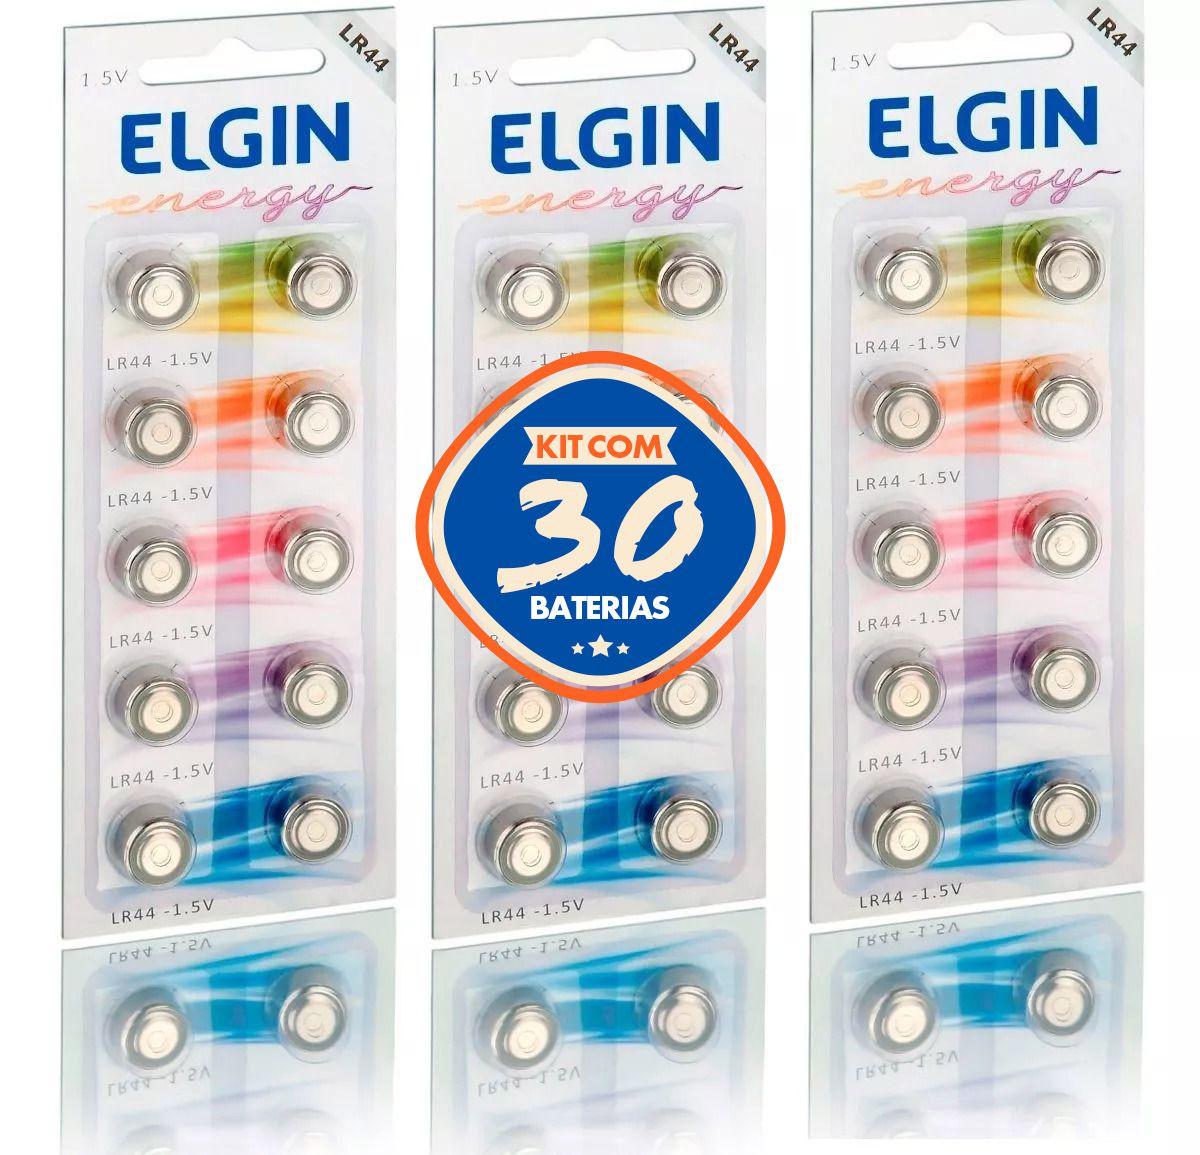 KIT com 30 Baterias Alcalinas Elgin LR44 1.5v AG13 LR1154 357